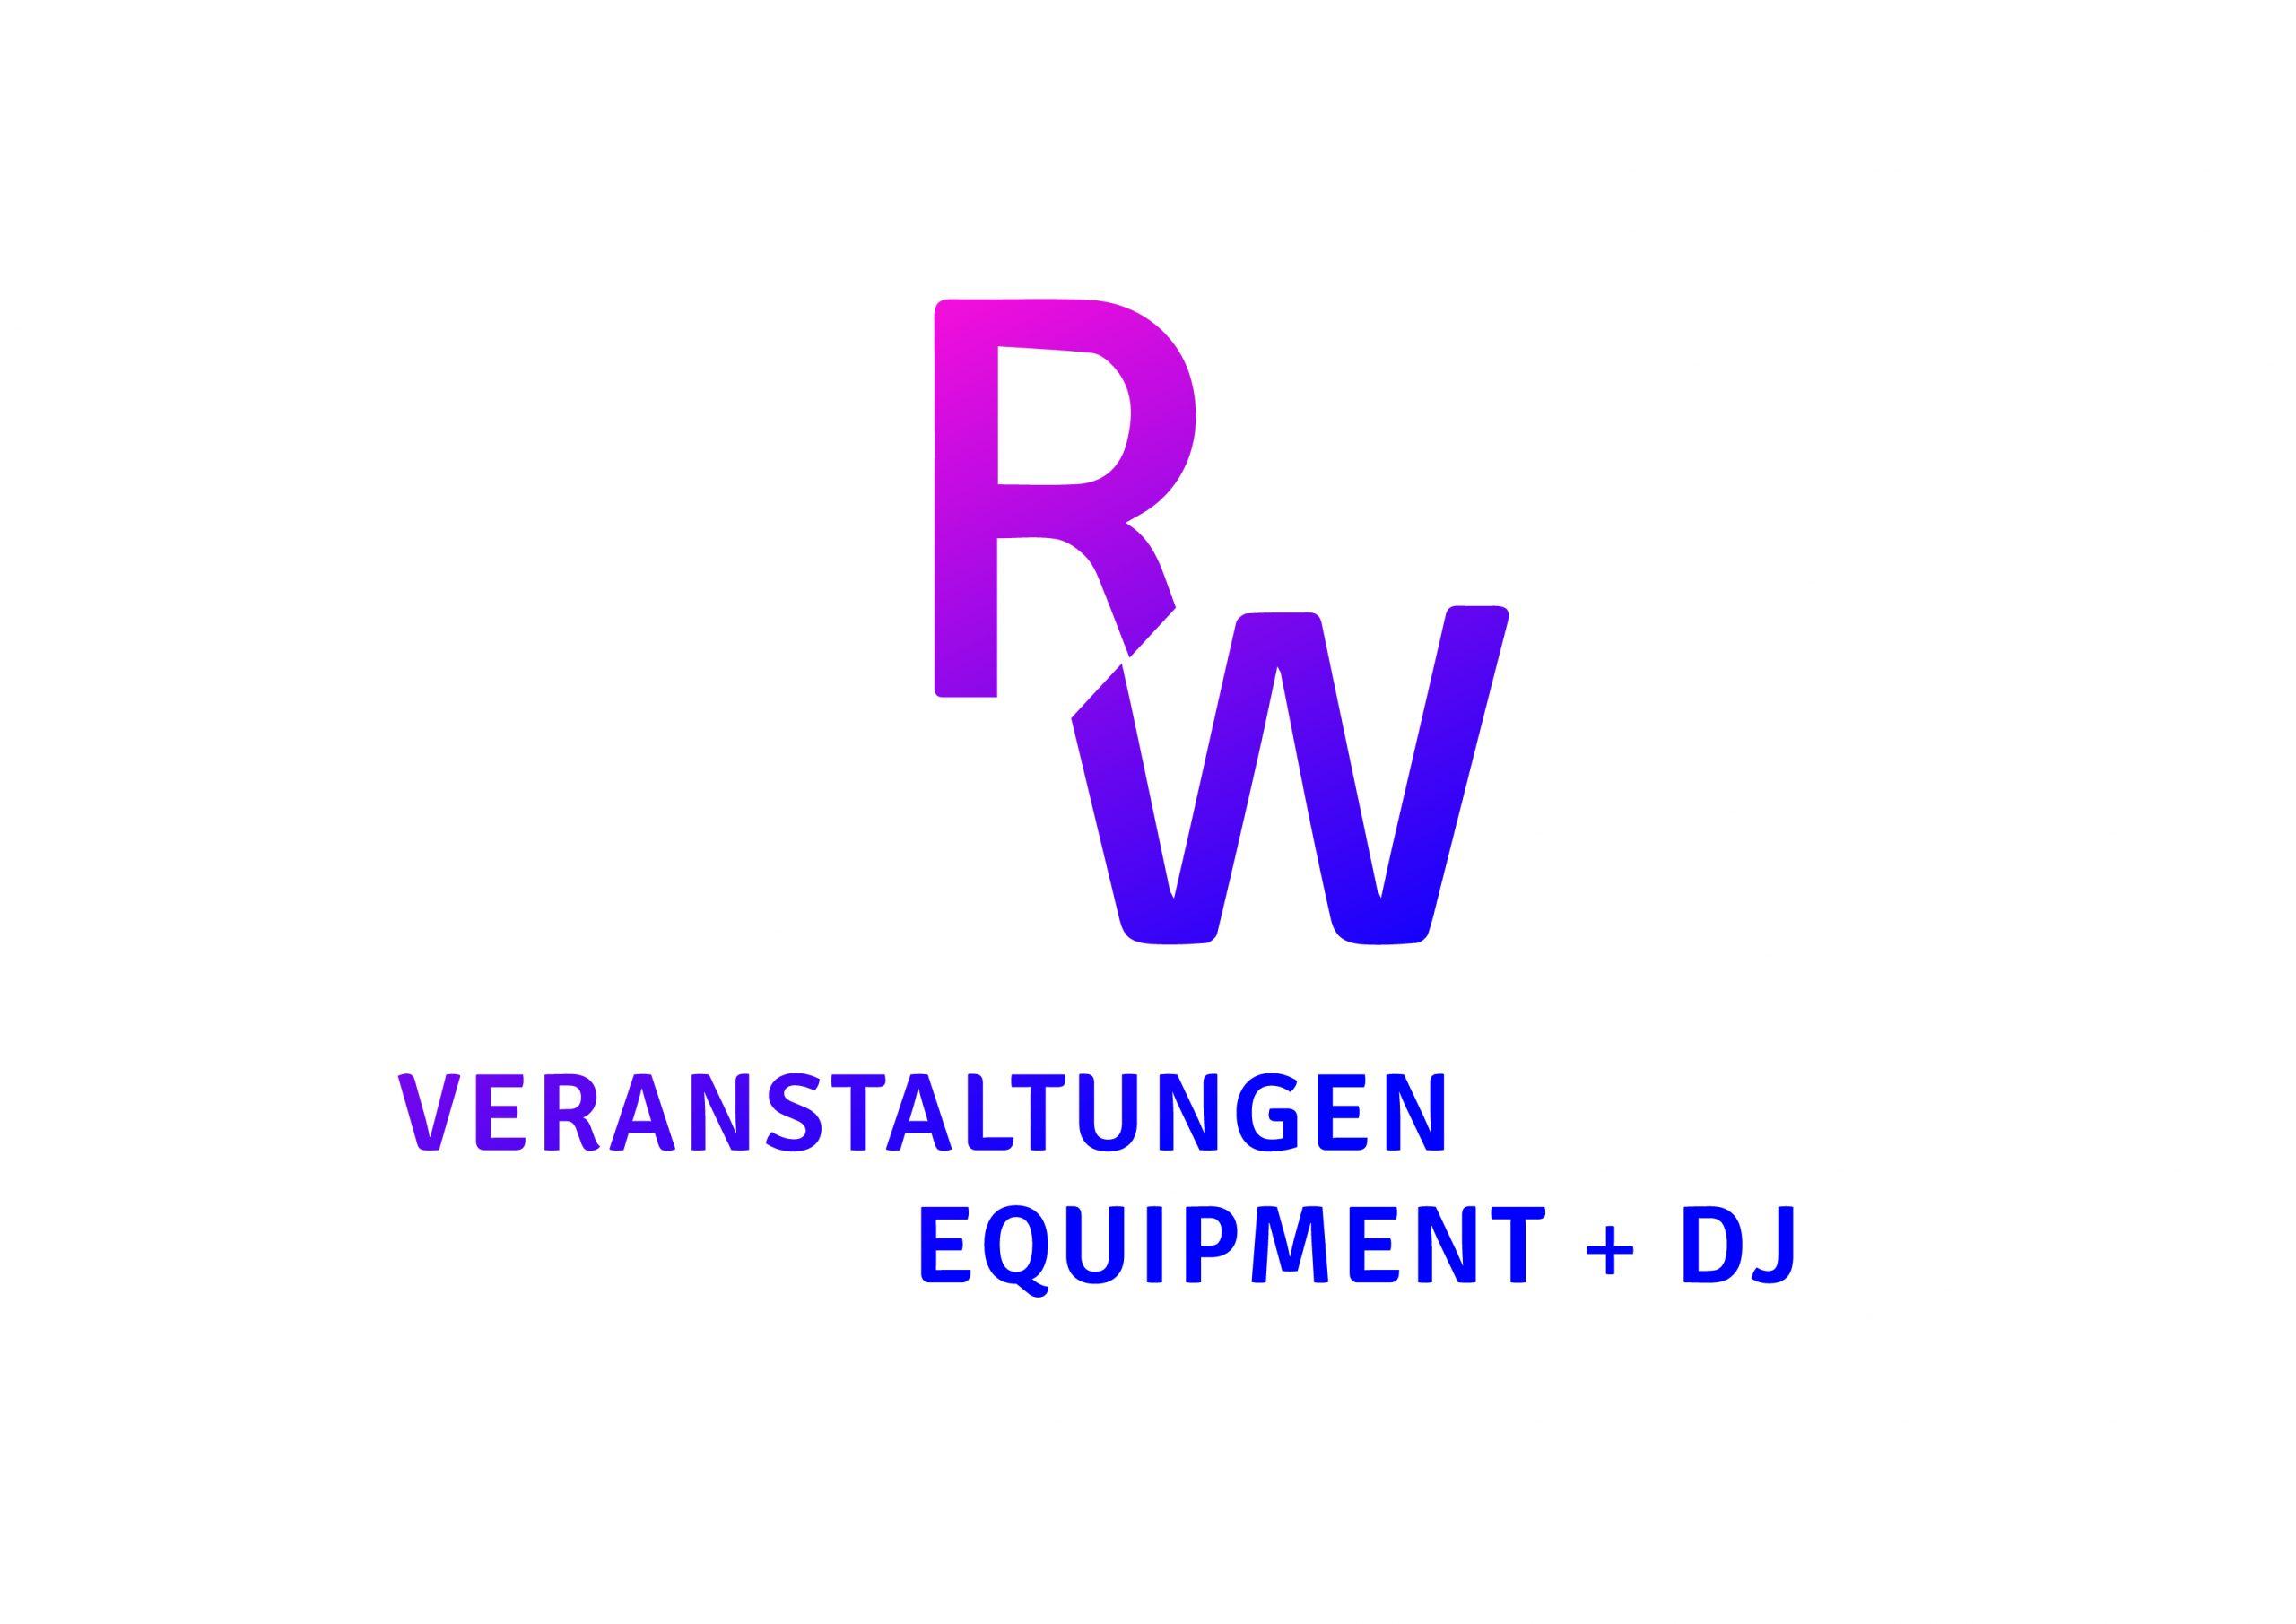 Logo der RW Veranstaltungstechnik GbR